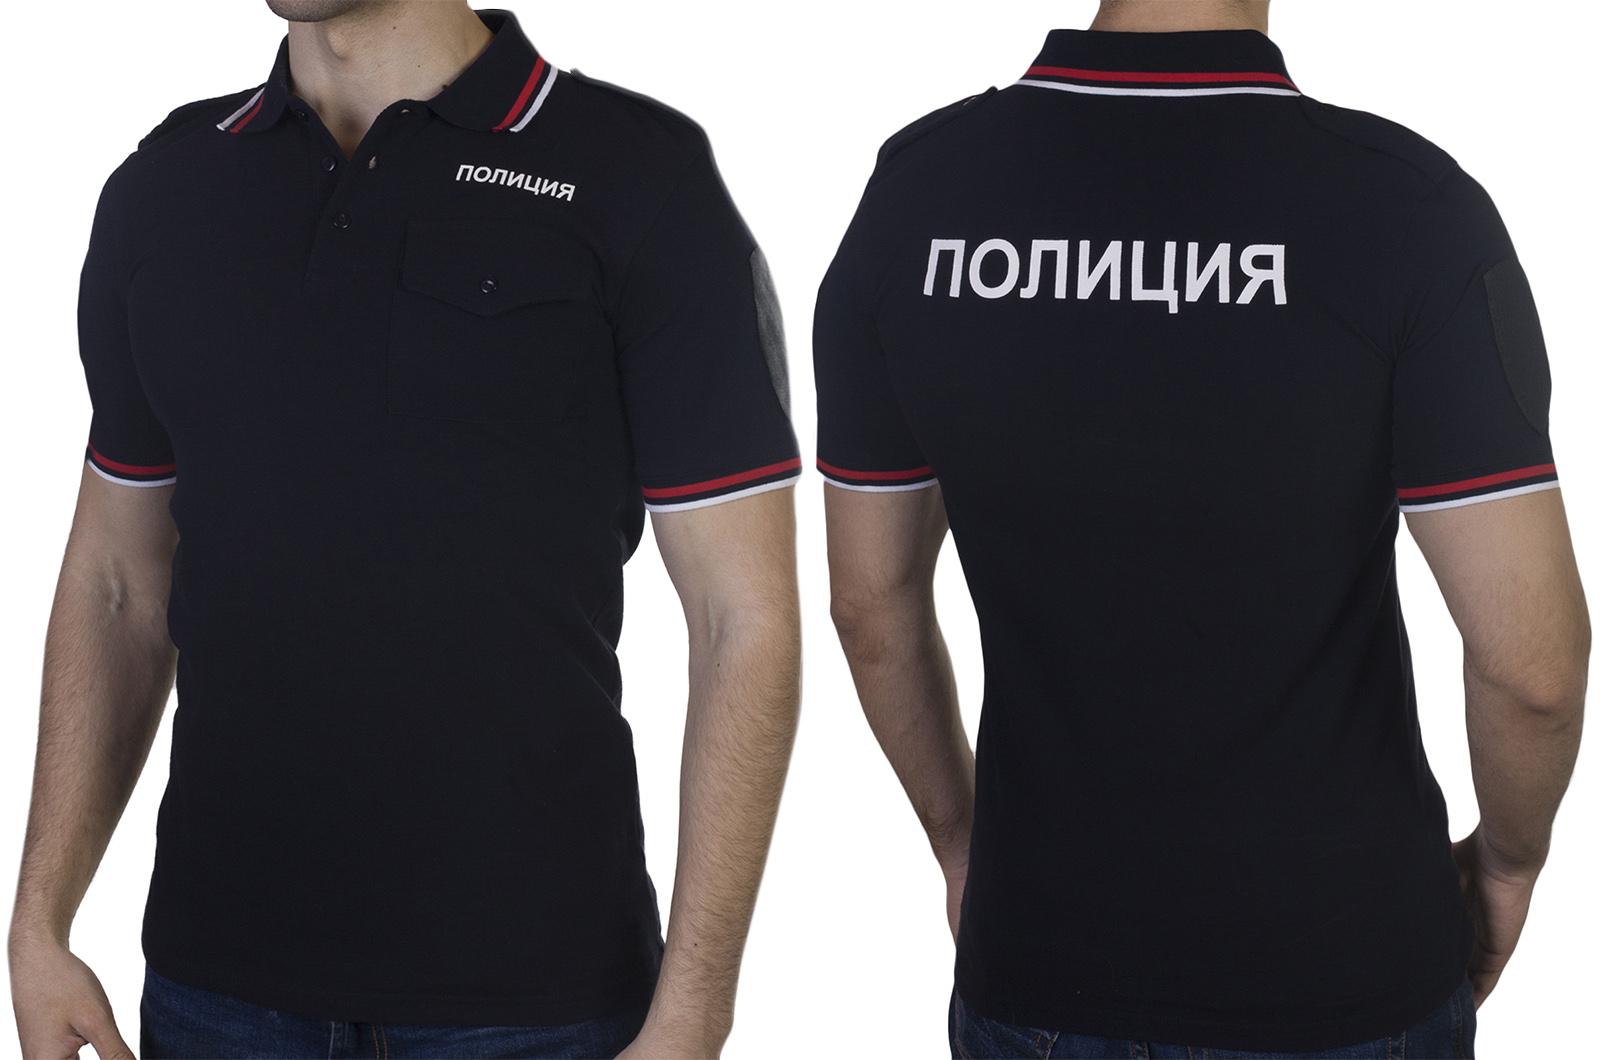 Мужские полицейские футболки с воротником